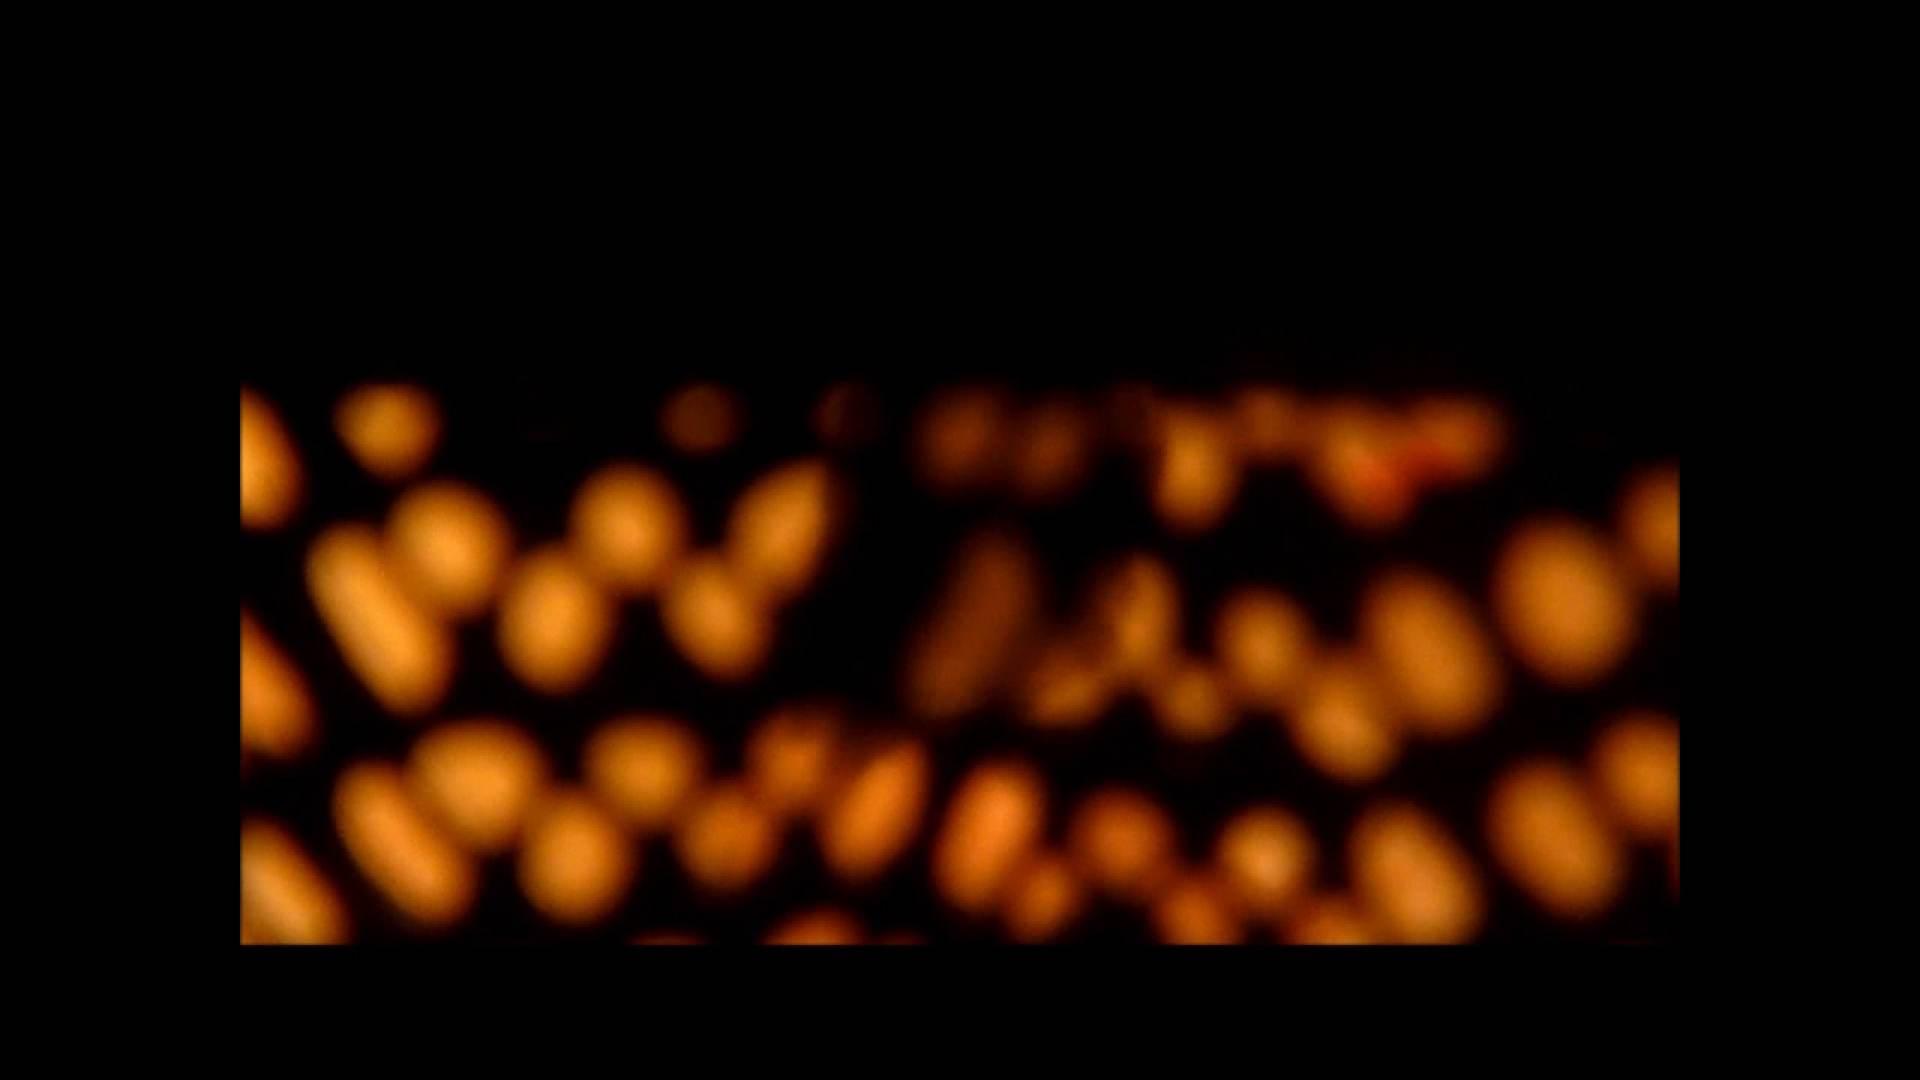 【02】ベランダに侵入して張り込みを始めて・・・やっと結果が出ました。 家宅侵入   0  107pic 55